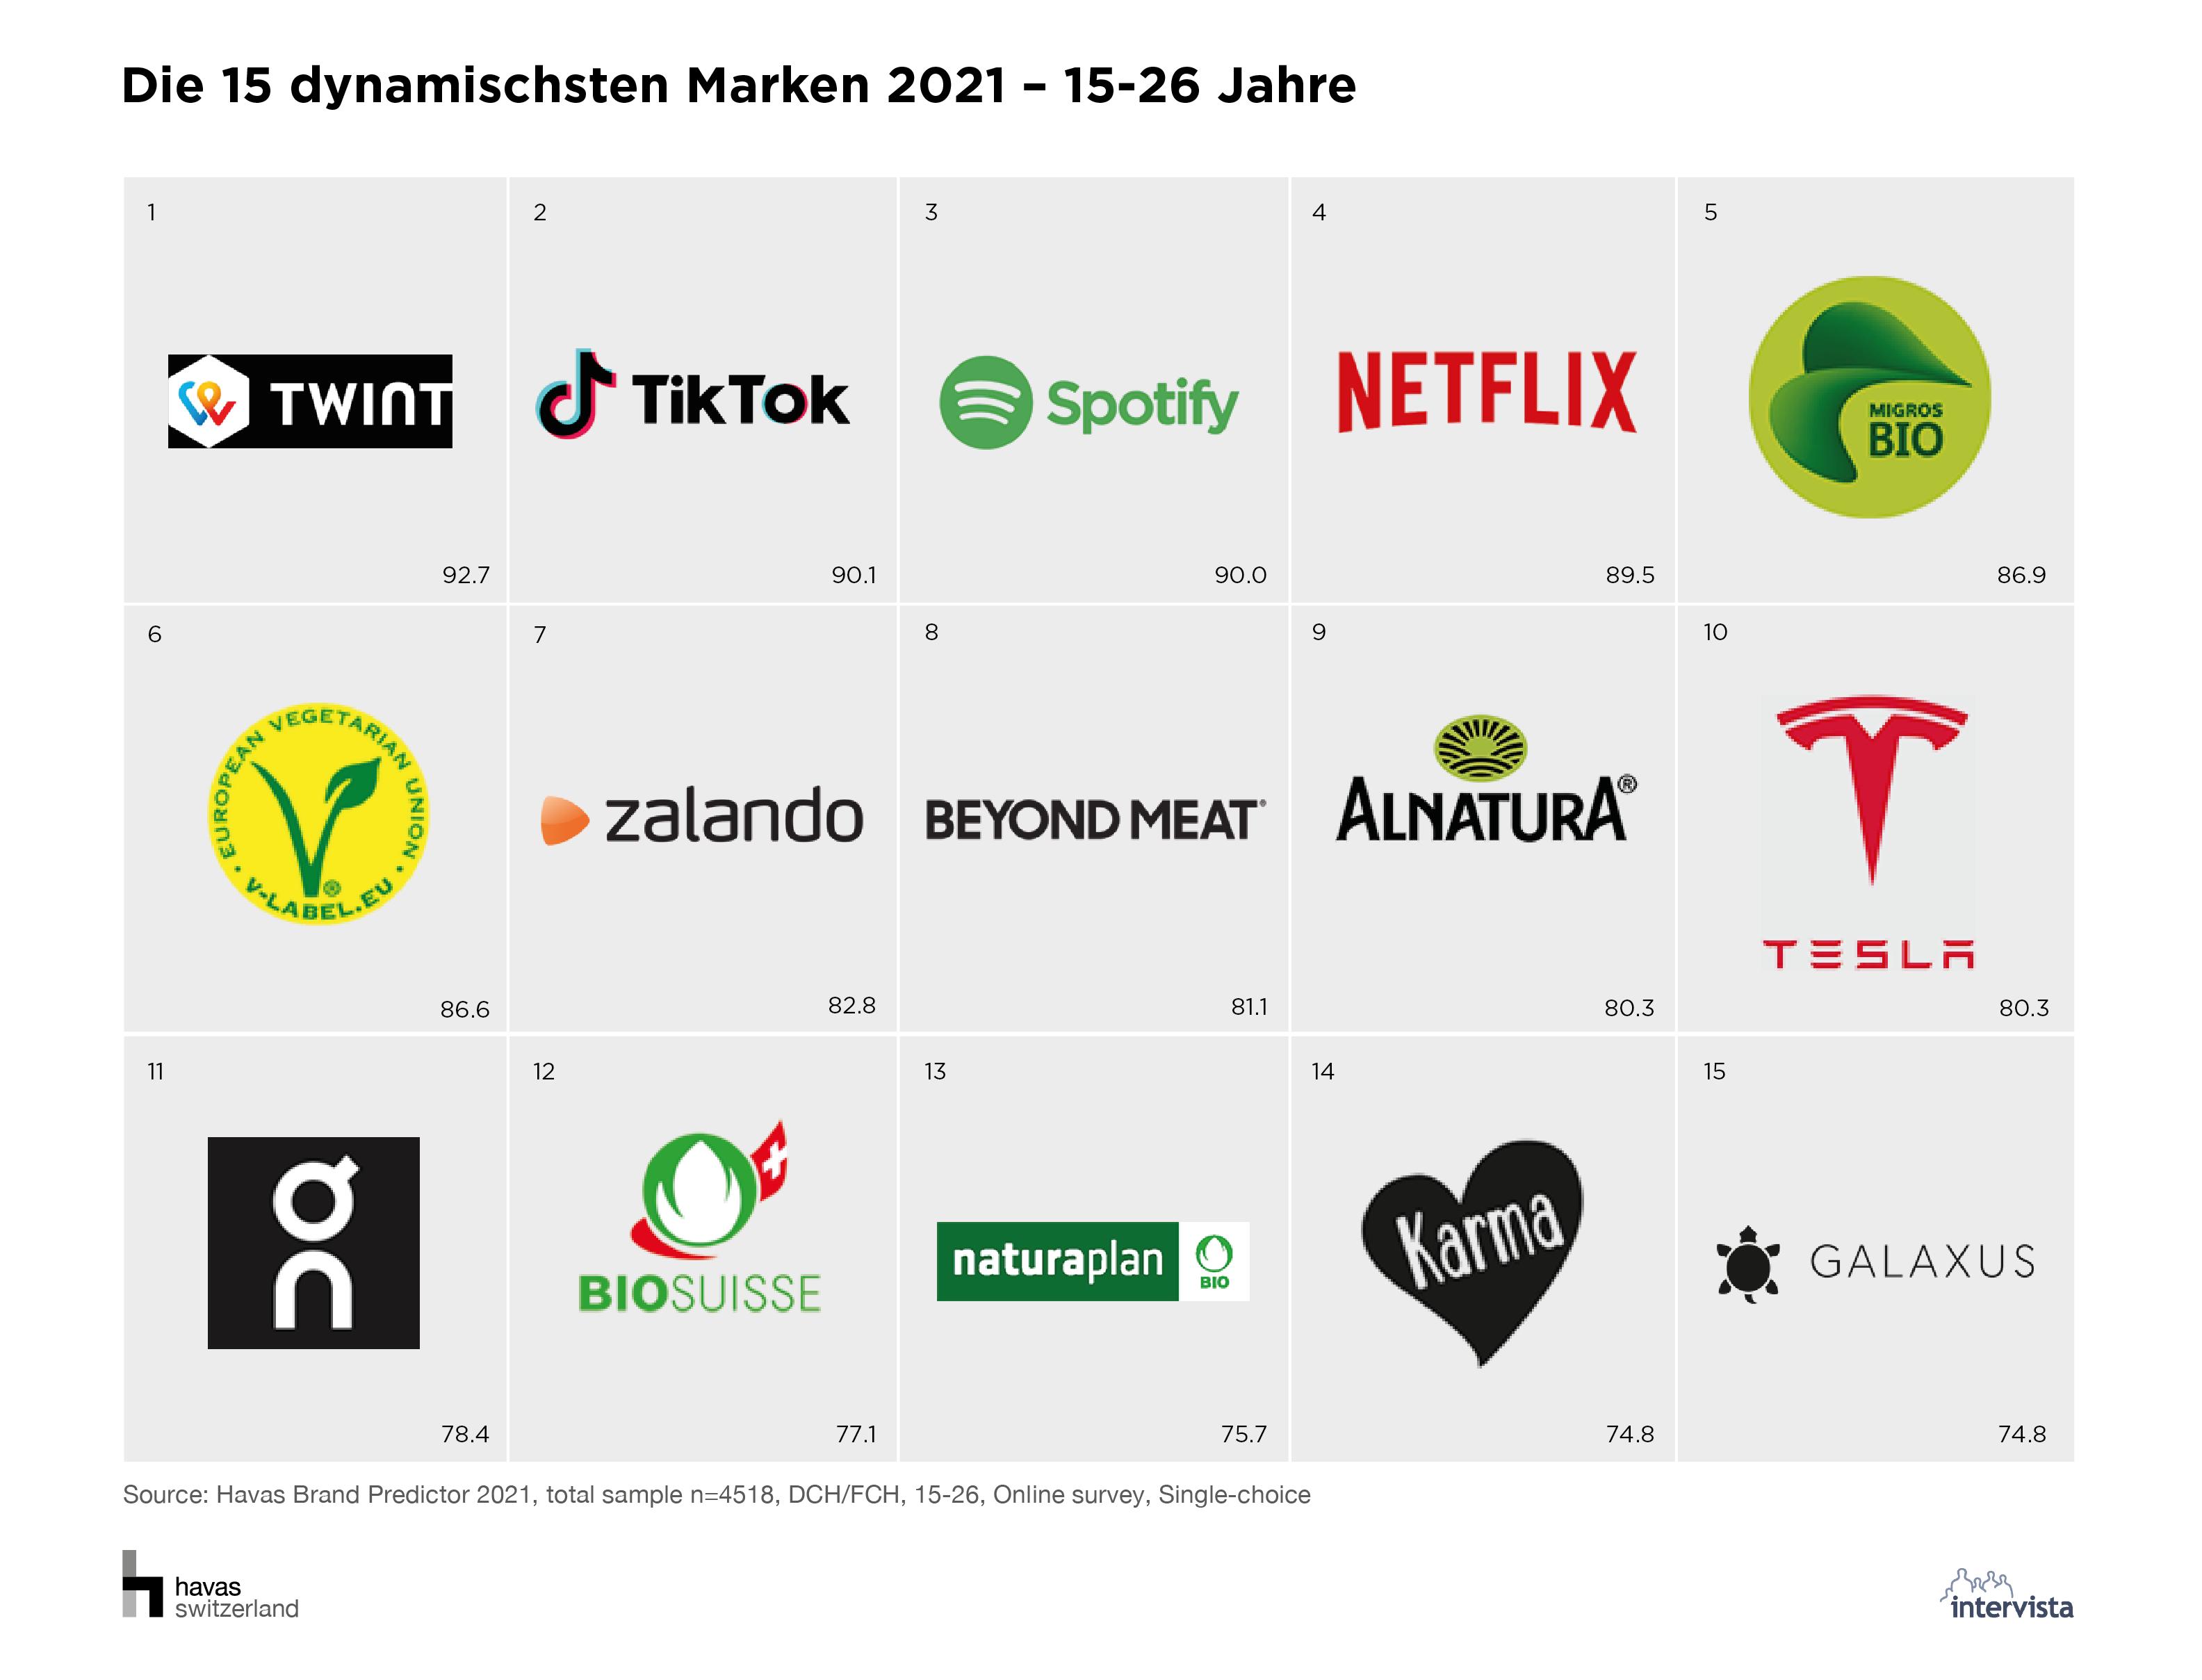 04_Die 15 dynamischsten Marken 2021_15-26 Jahre.png